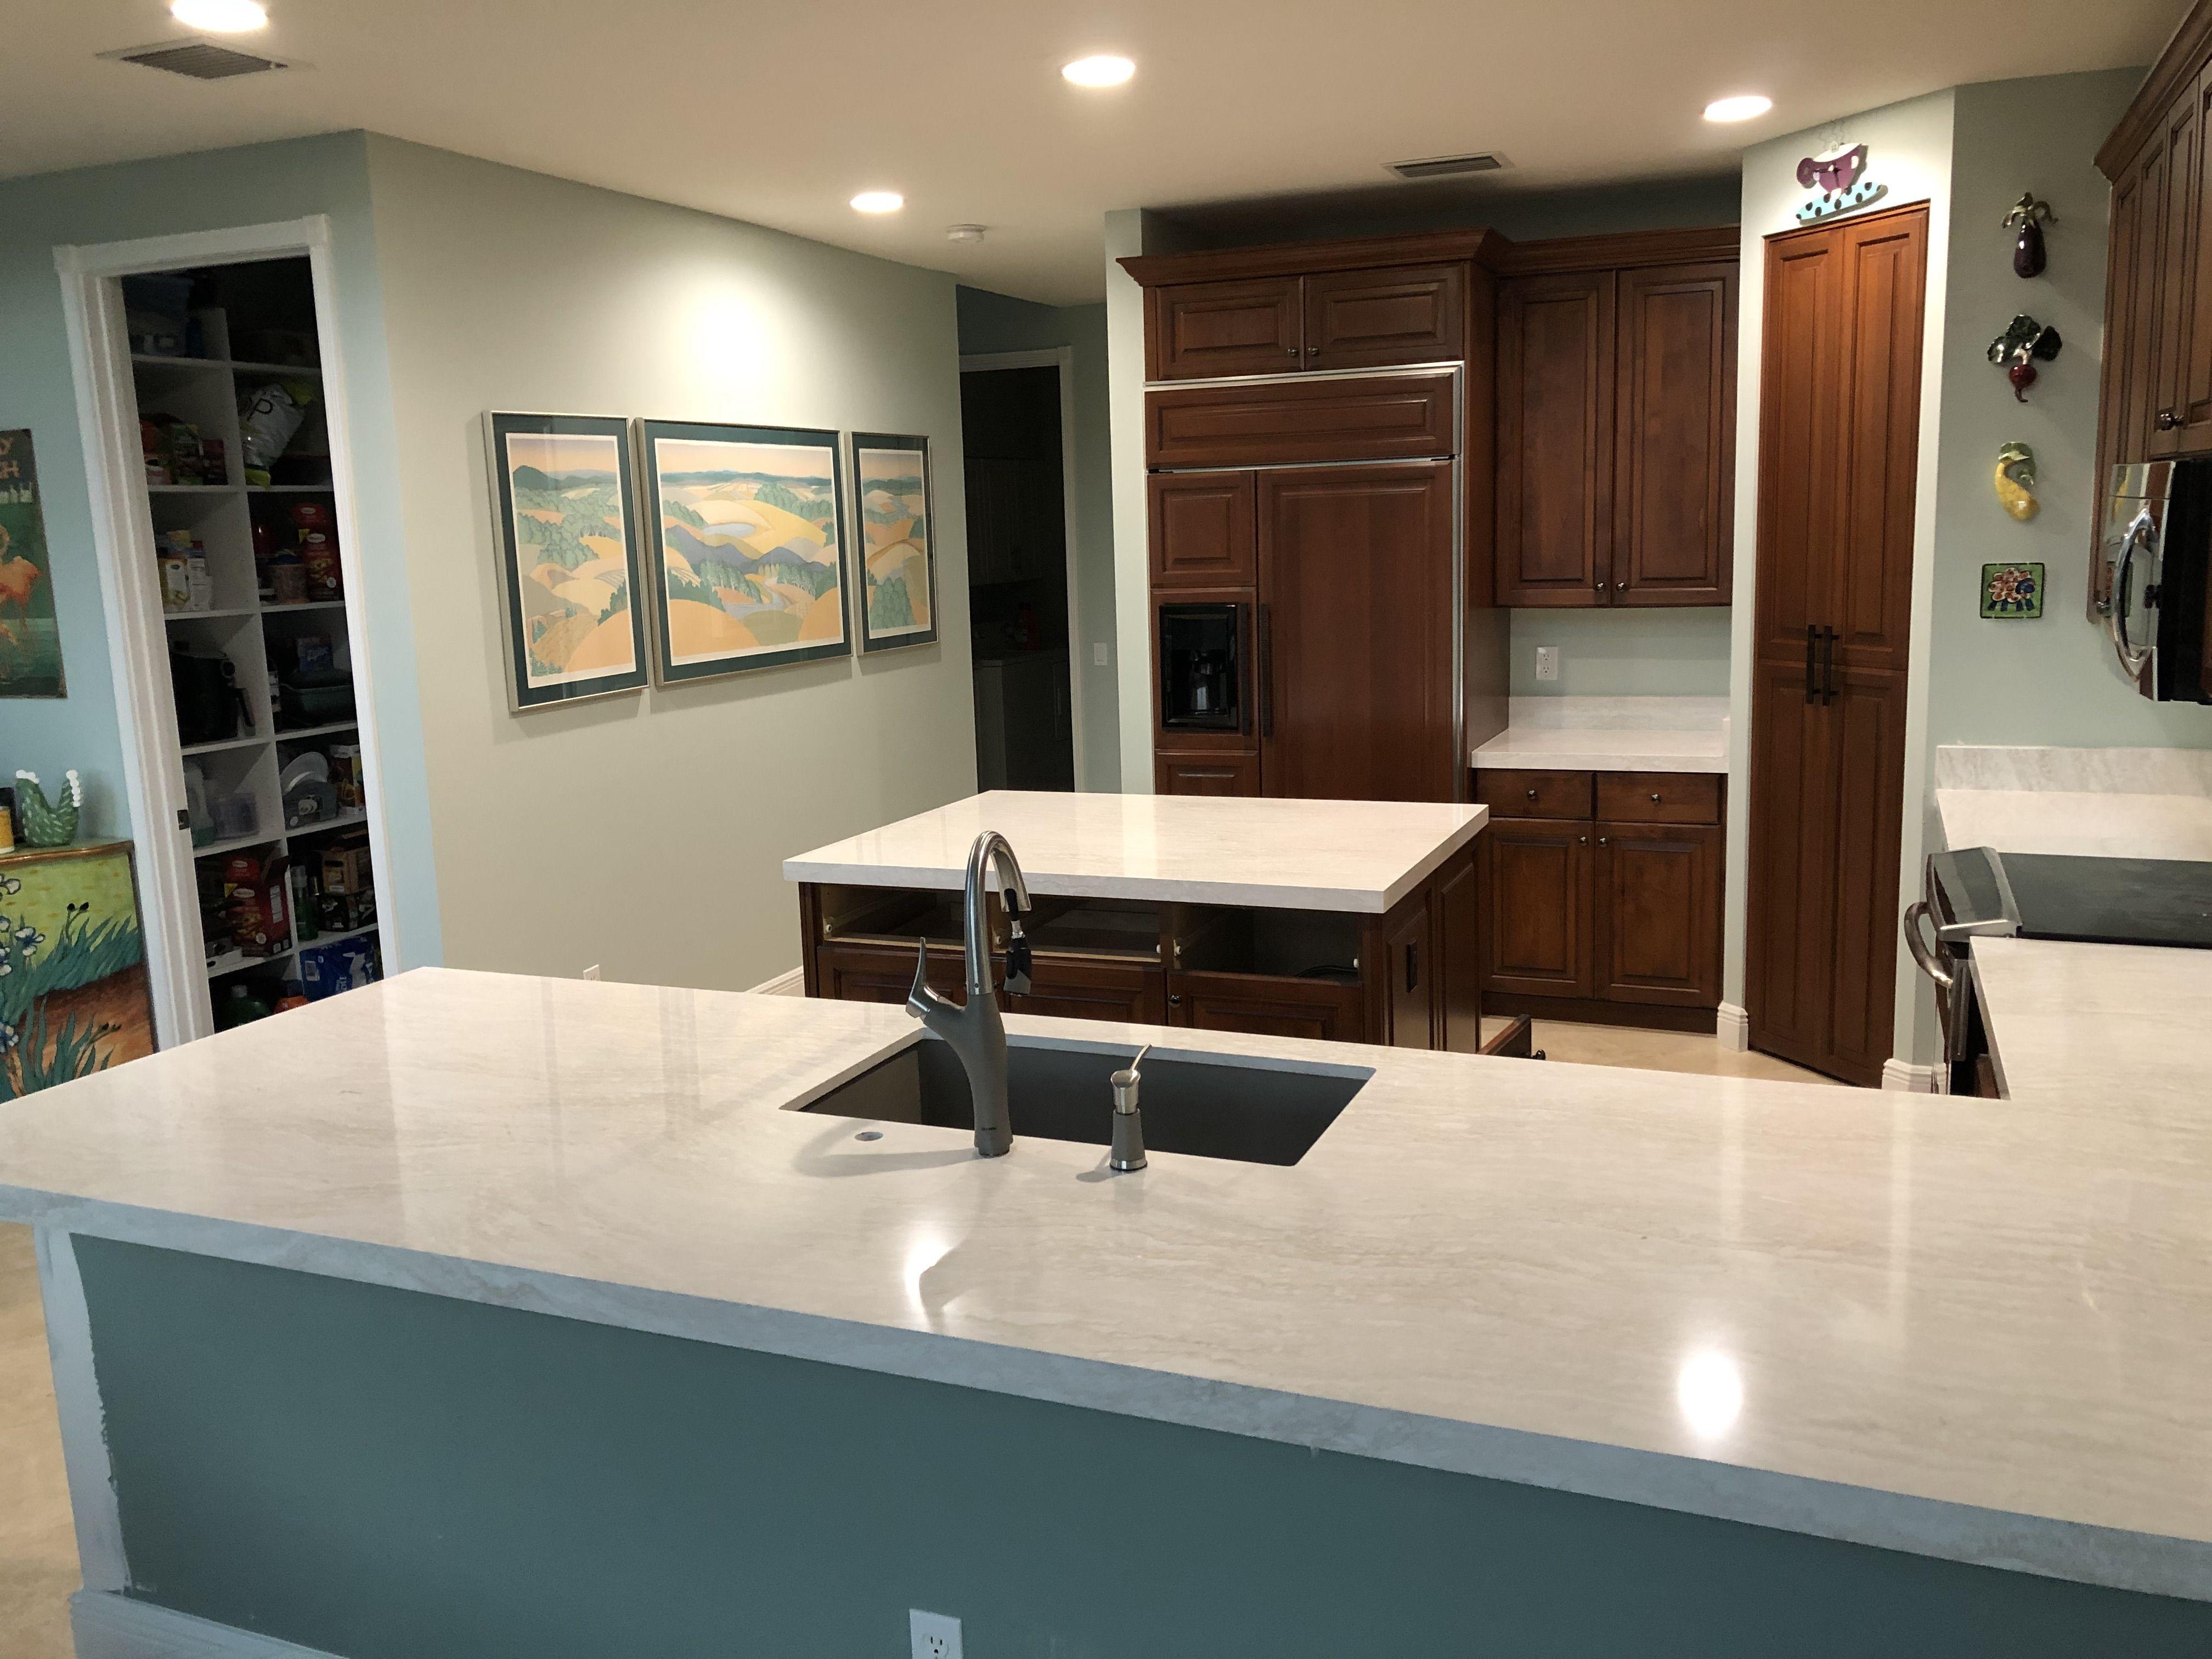 Cambria Ironsbridge Countertops In 2020 Countertops Quartz Countertops Dark Brown Kitchen Cabinets